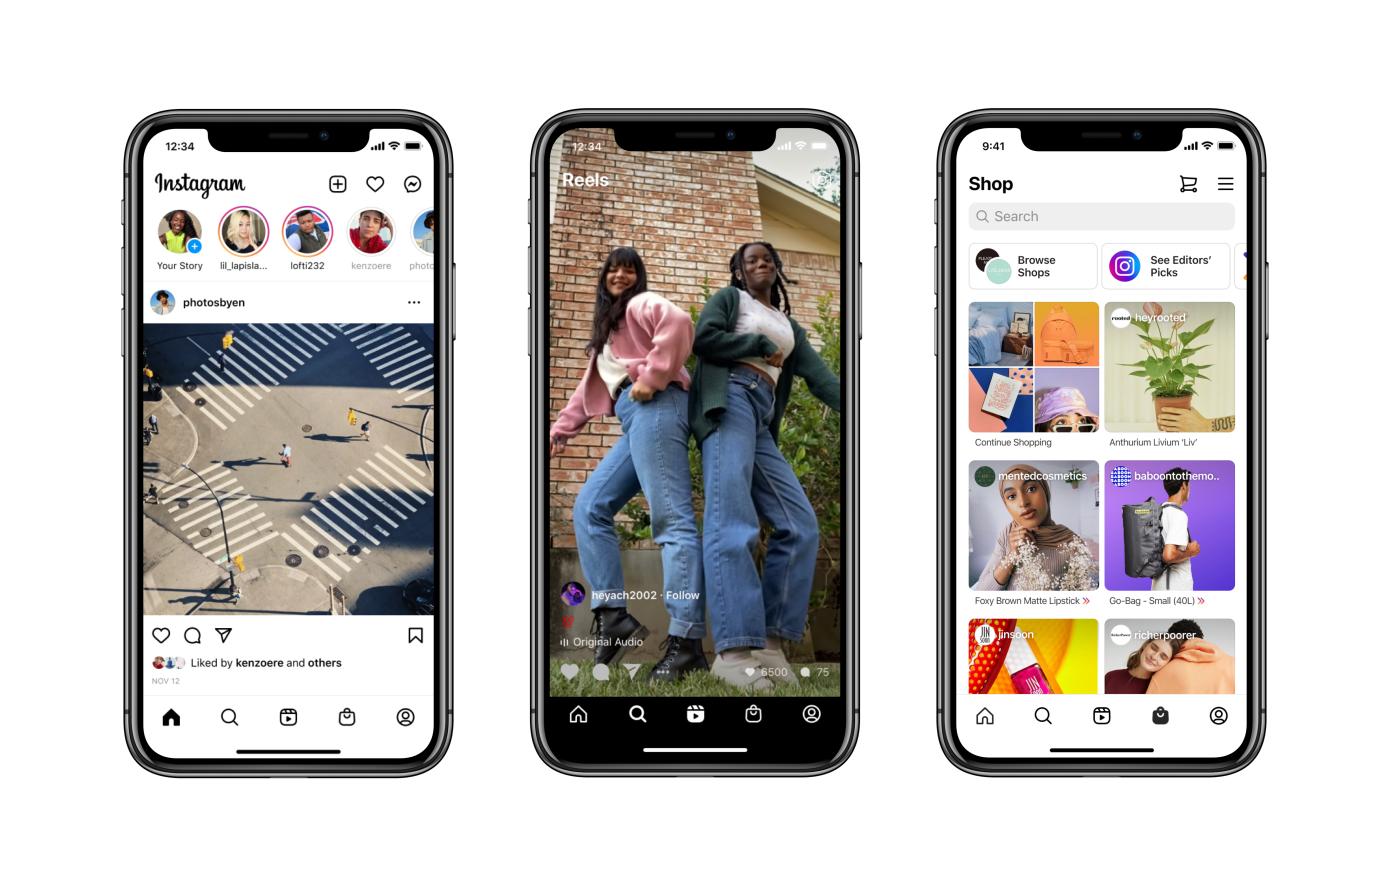 El rediseño de Instagram coloca las pestañas Reels y Shop en la pantalla de inicio